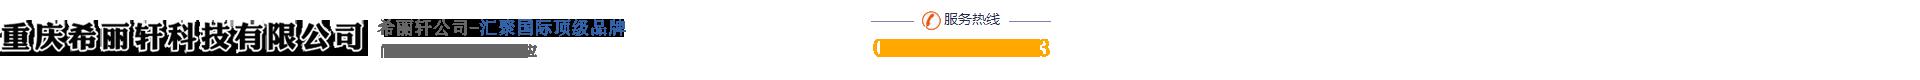 重庆希丽轩科技有限公司